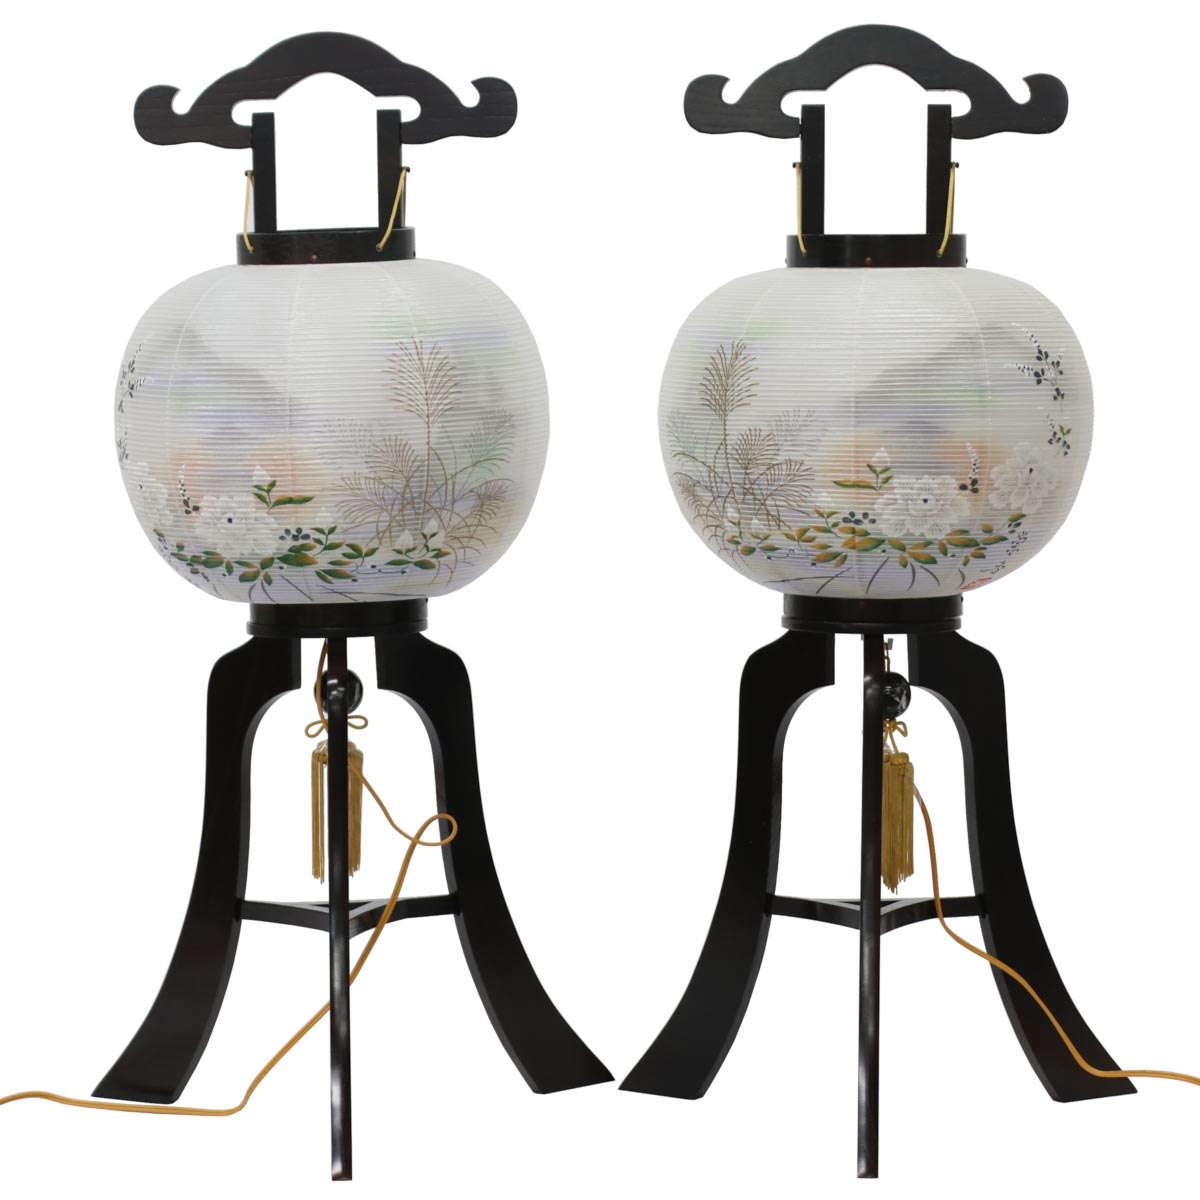 盆提灯 『 黒檀調行灯 絹二重 対絵 牡丹 紫 五重塔 (一対入り) 』 BCY-T-1103W一対 絹 木製 置き型 置き提灯 行灯 行燈